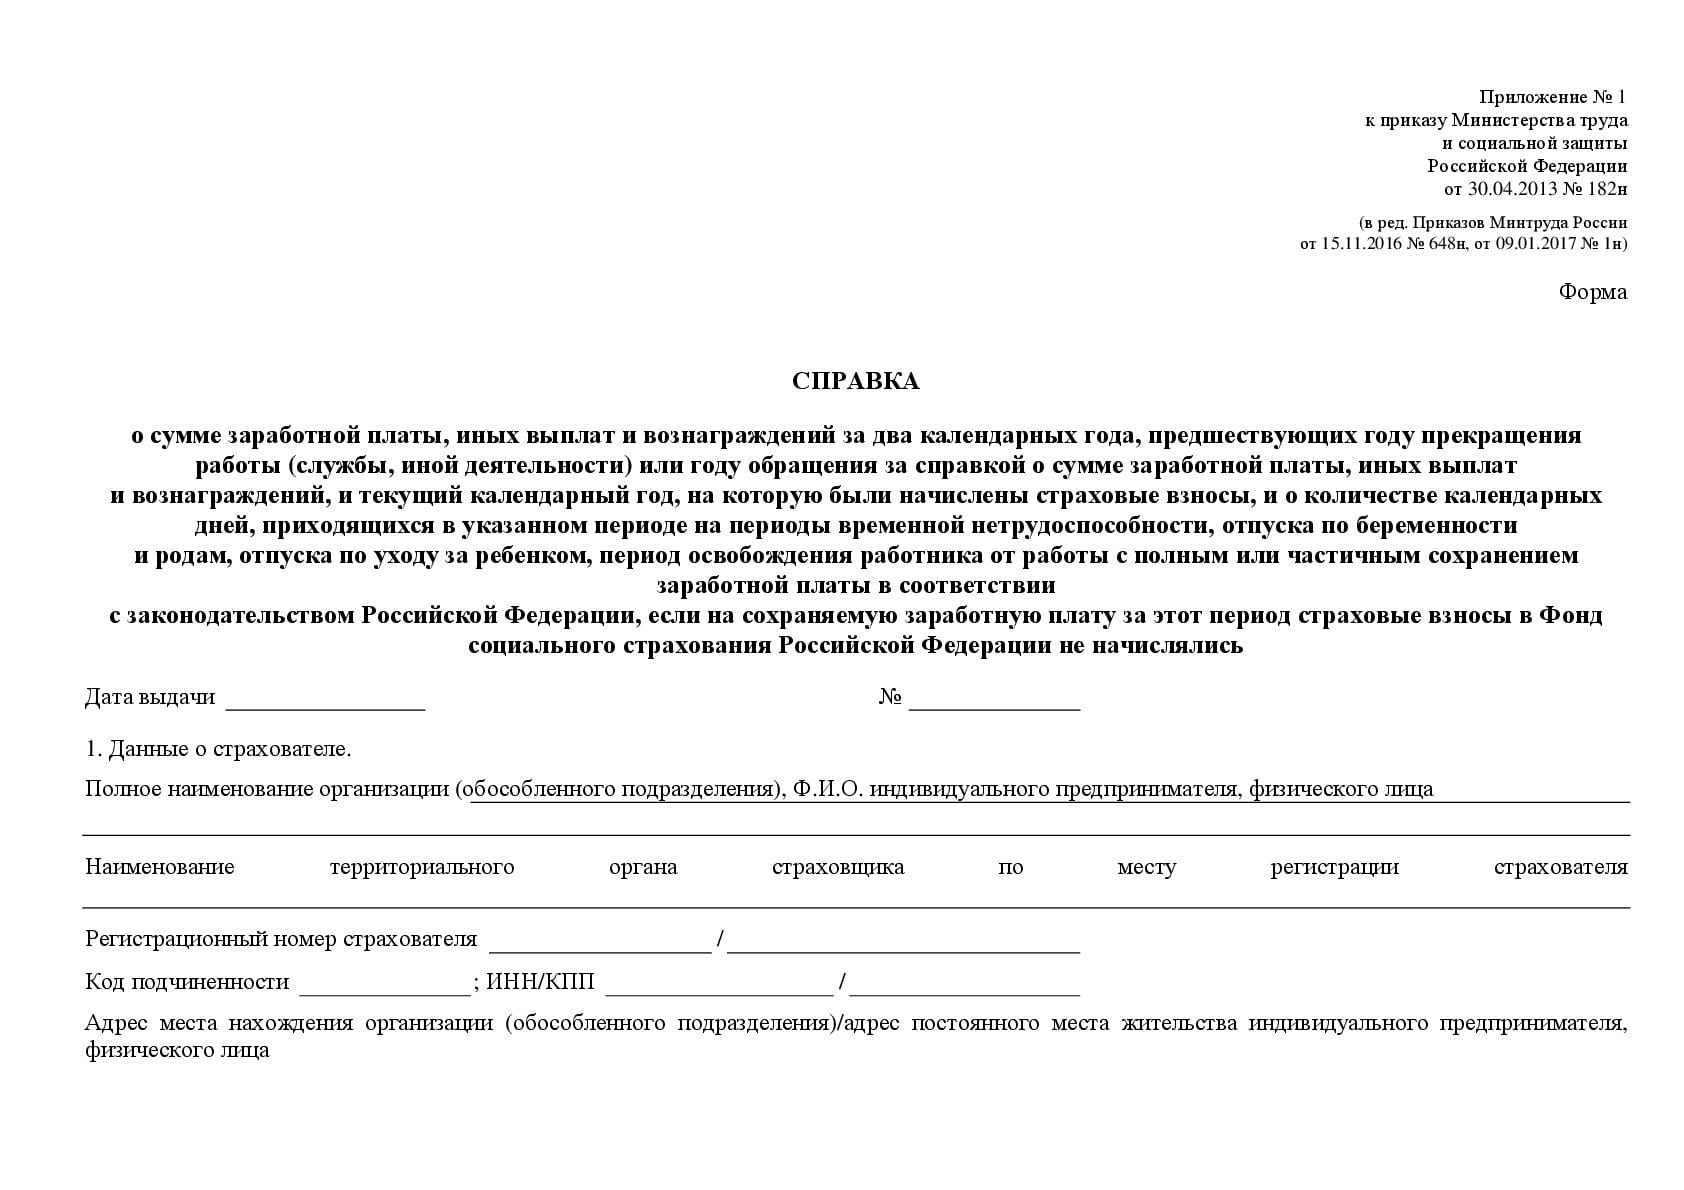 Справка формы 182н (3)